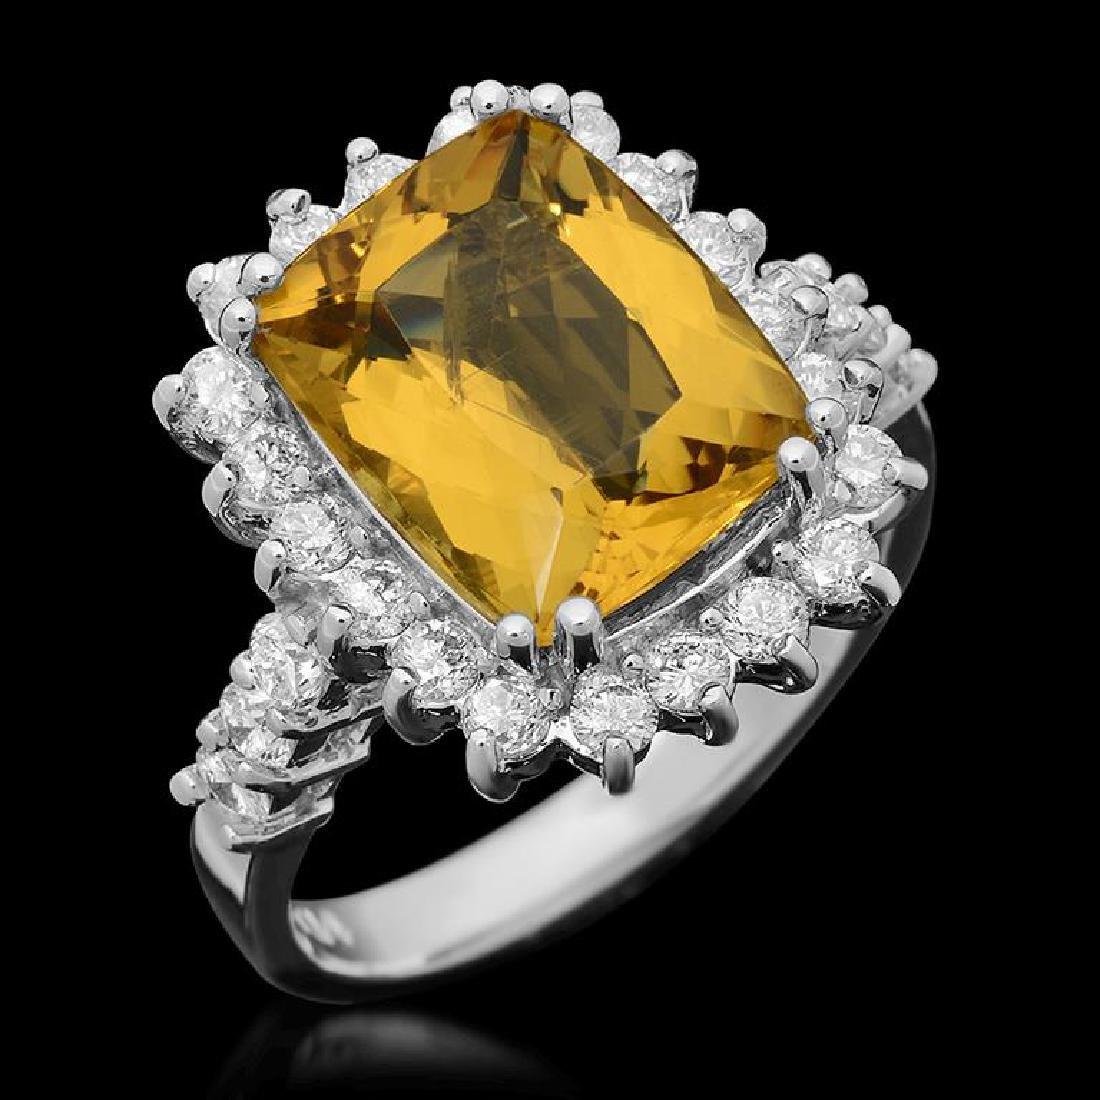 14k Gold 4.57ct Yellow Beryl 1.10ct Diamond Ring